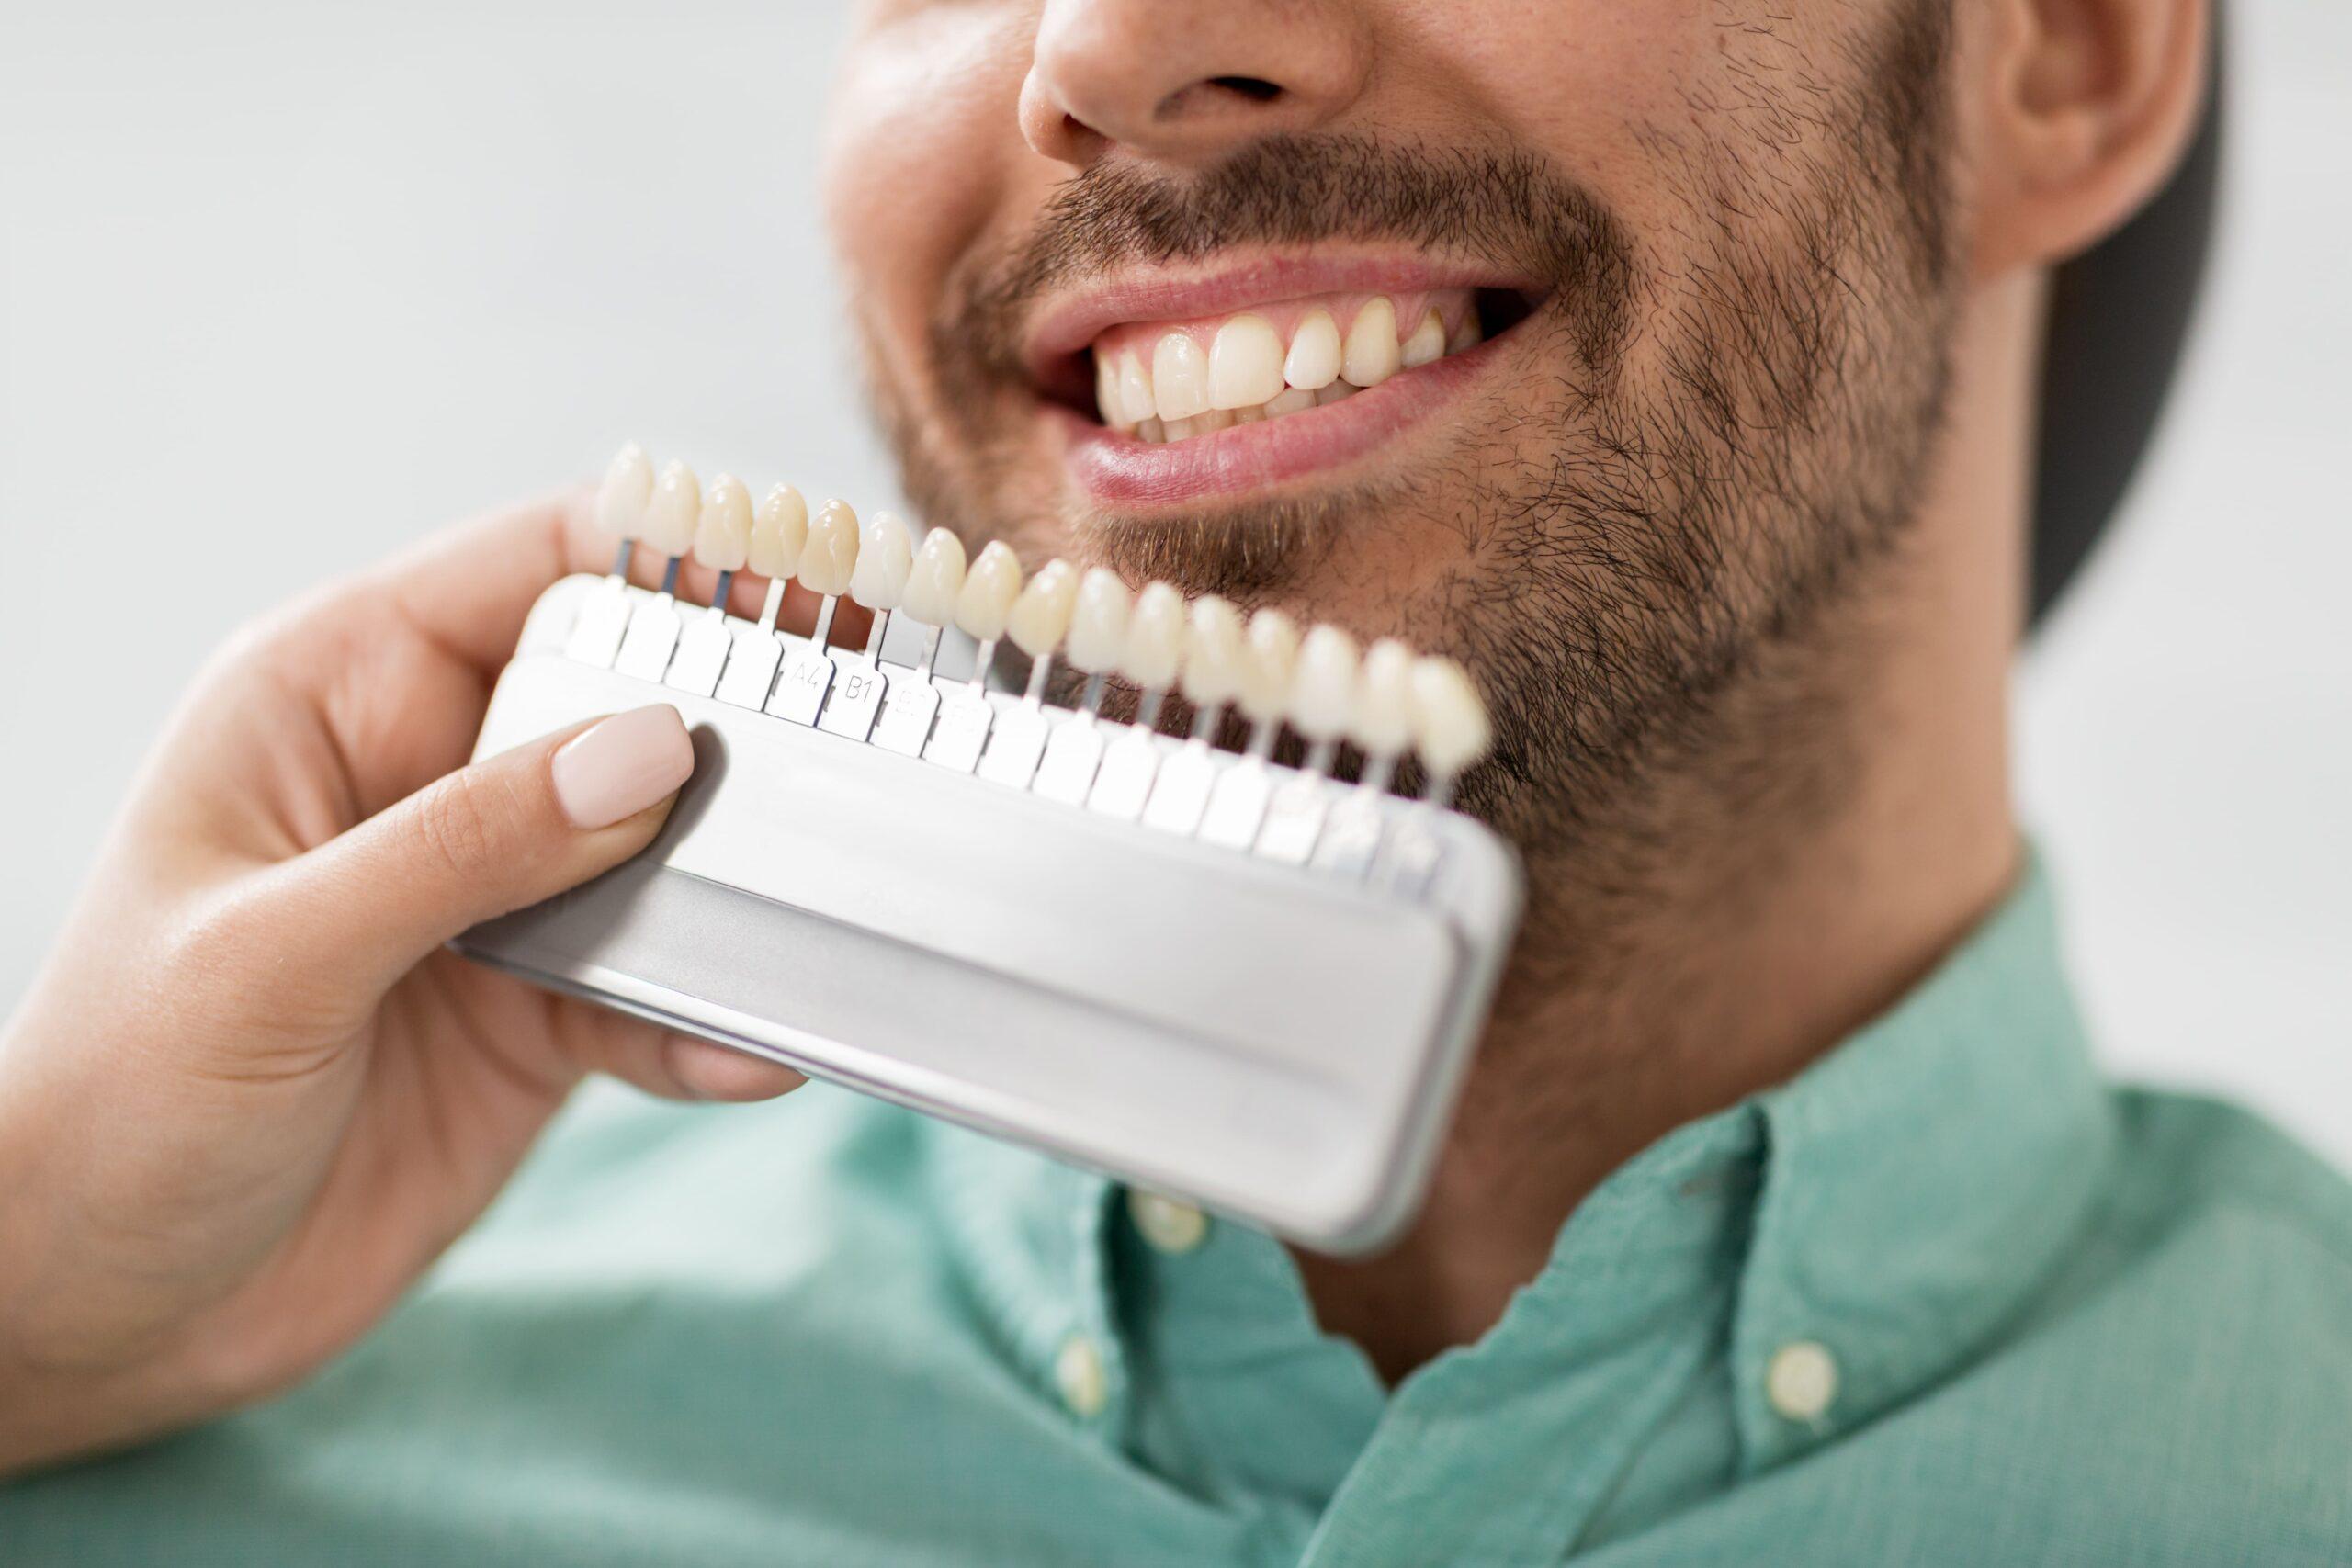 Escala de color de los dientes: cuántos blancos hay